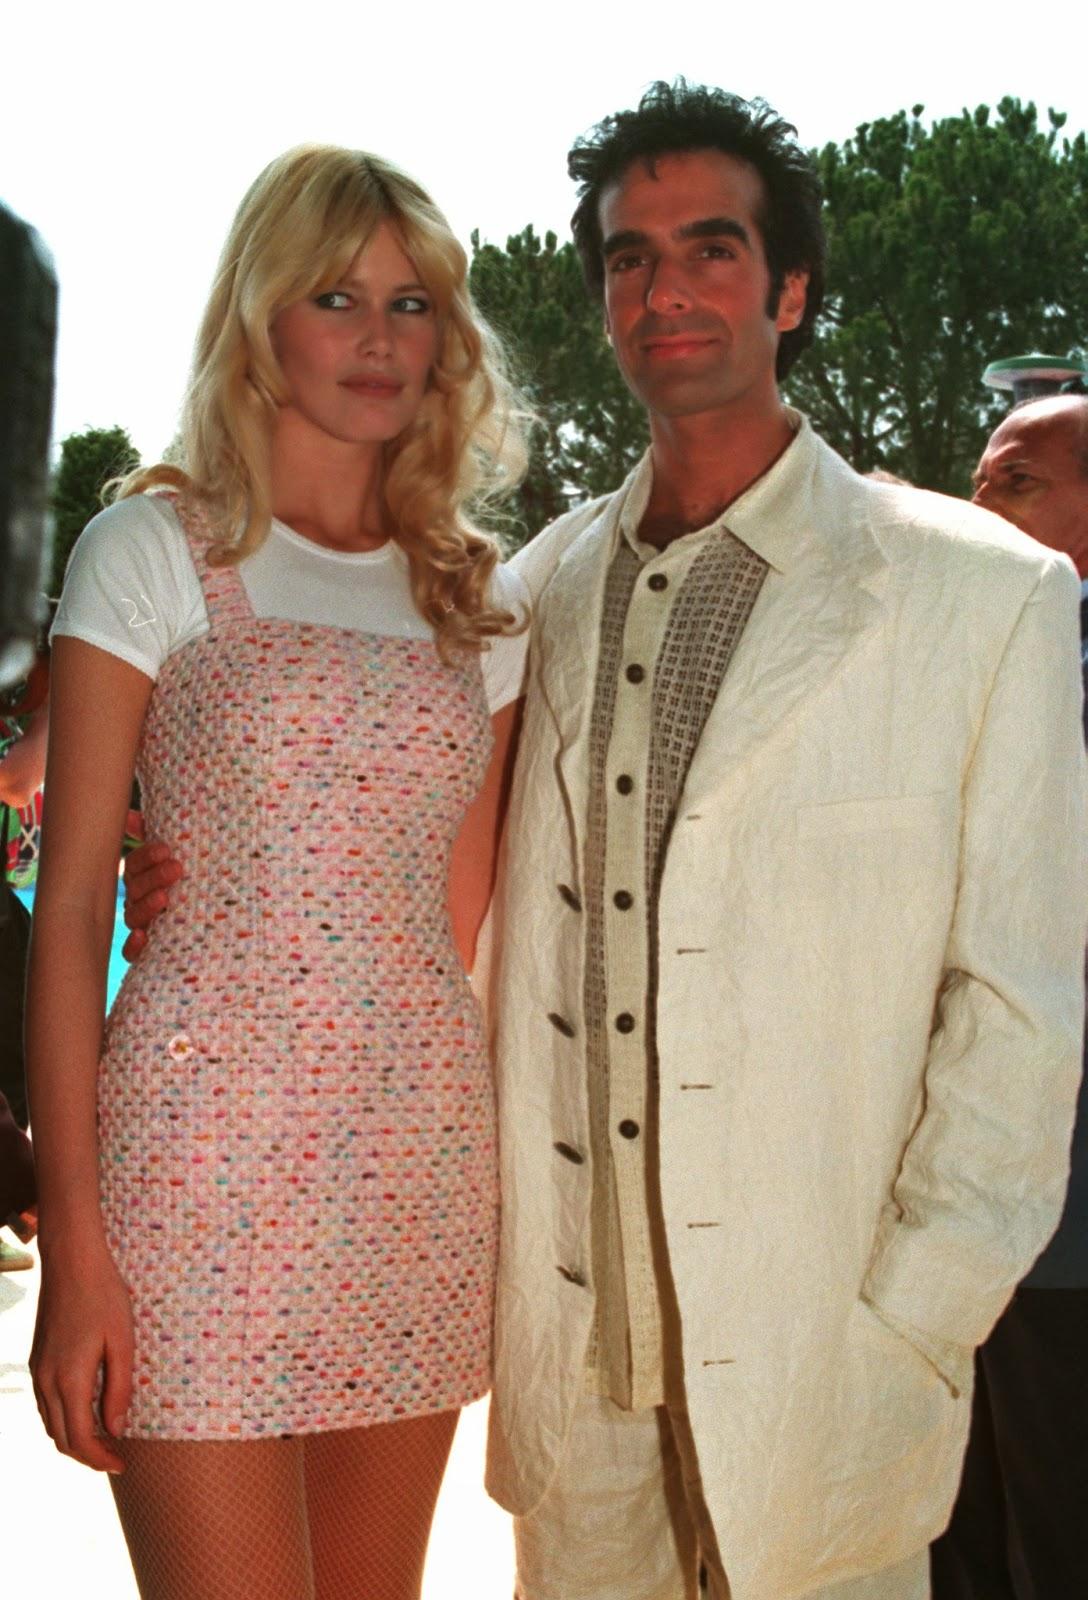 david copperfield spain el mago se casa con la sa chloe  en la edicion britanica de la revista hola el espectacular david copperfield realizo una entrevista en la que pudo asegurar que estaba totalmente